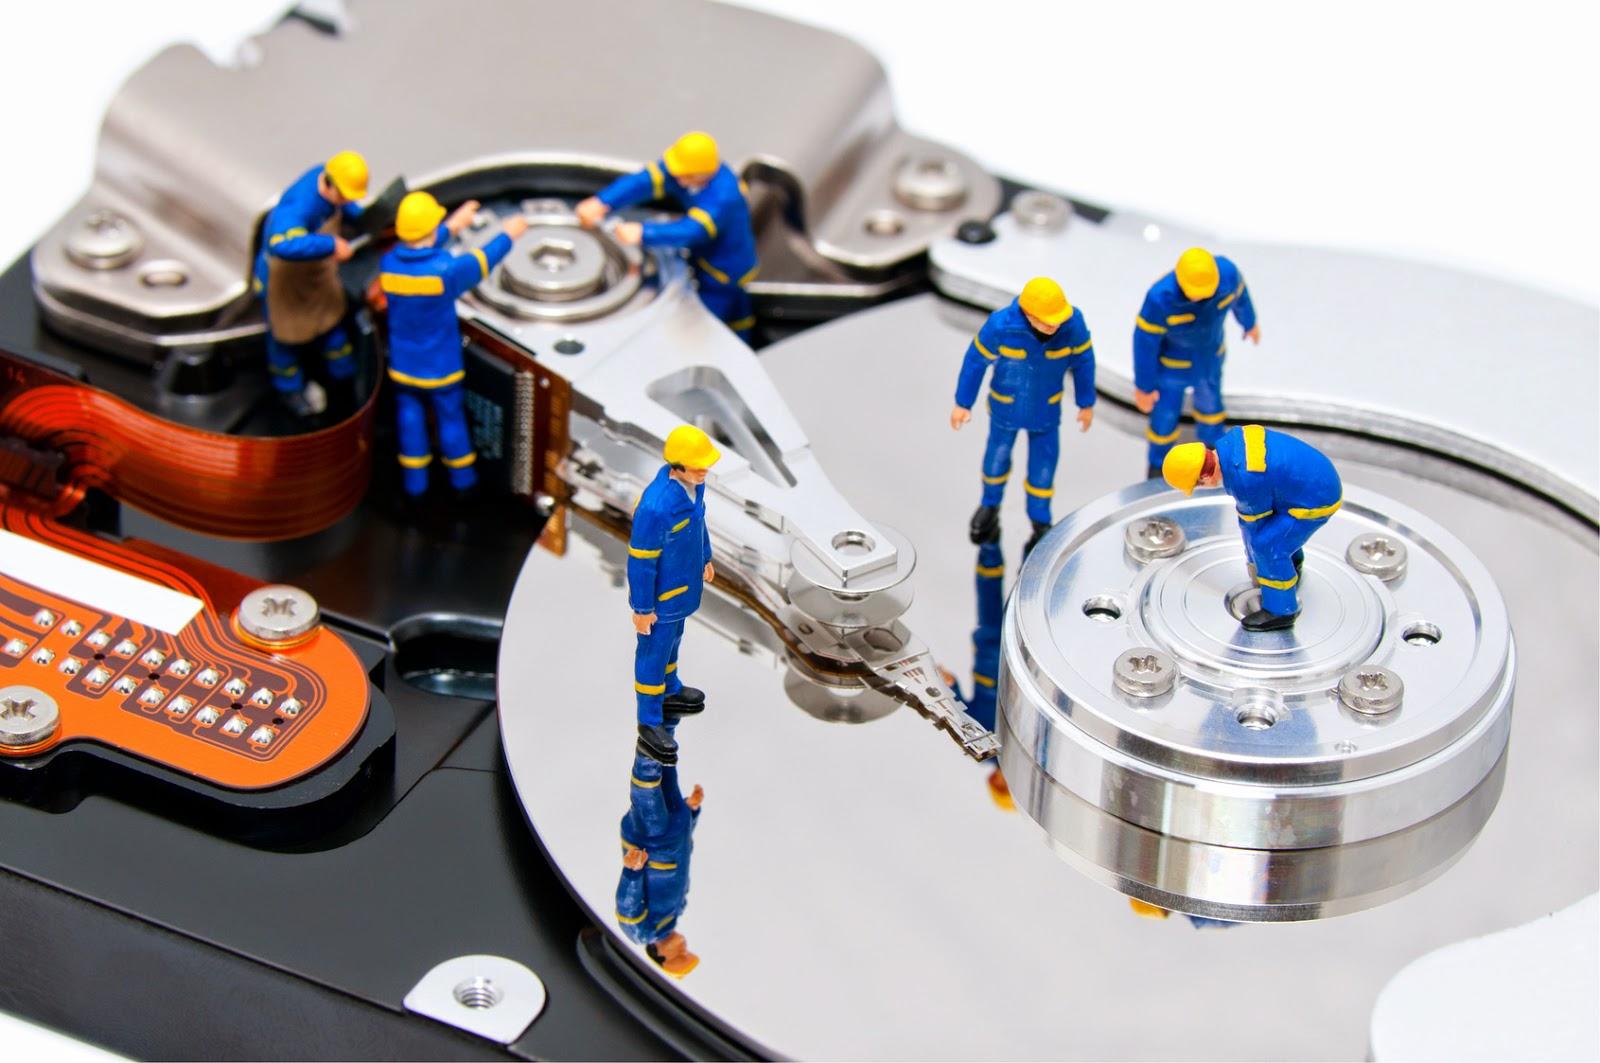 Ổ cứng bị phân mảnh cũng là lí do khiến cho máy tính bị đơ, treo